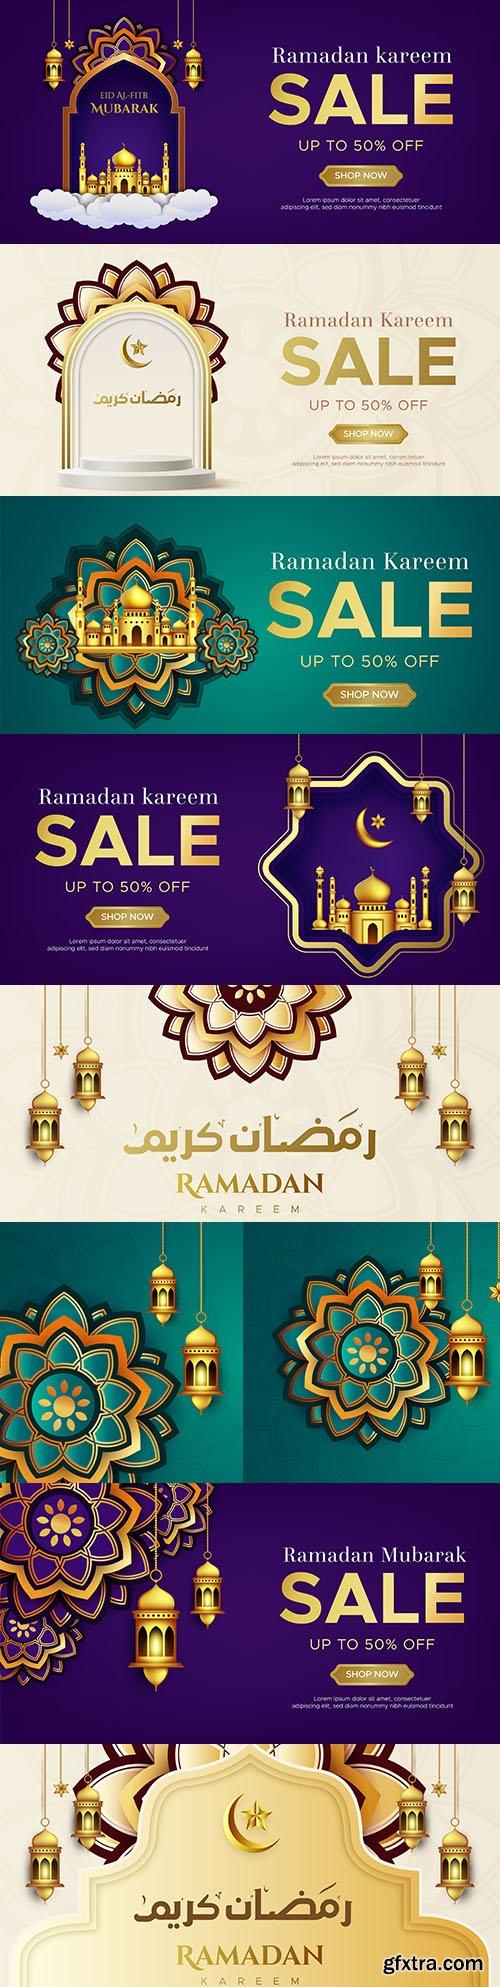 Ramadan Kareem sale banner web design template